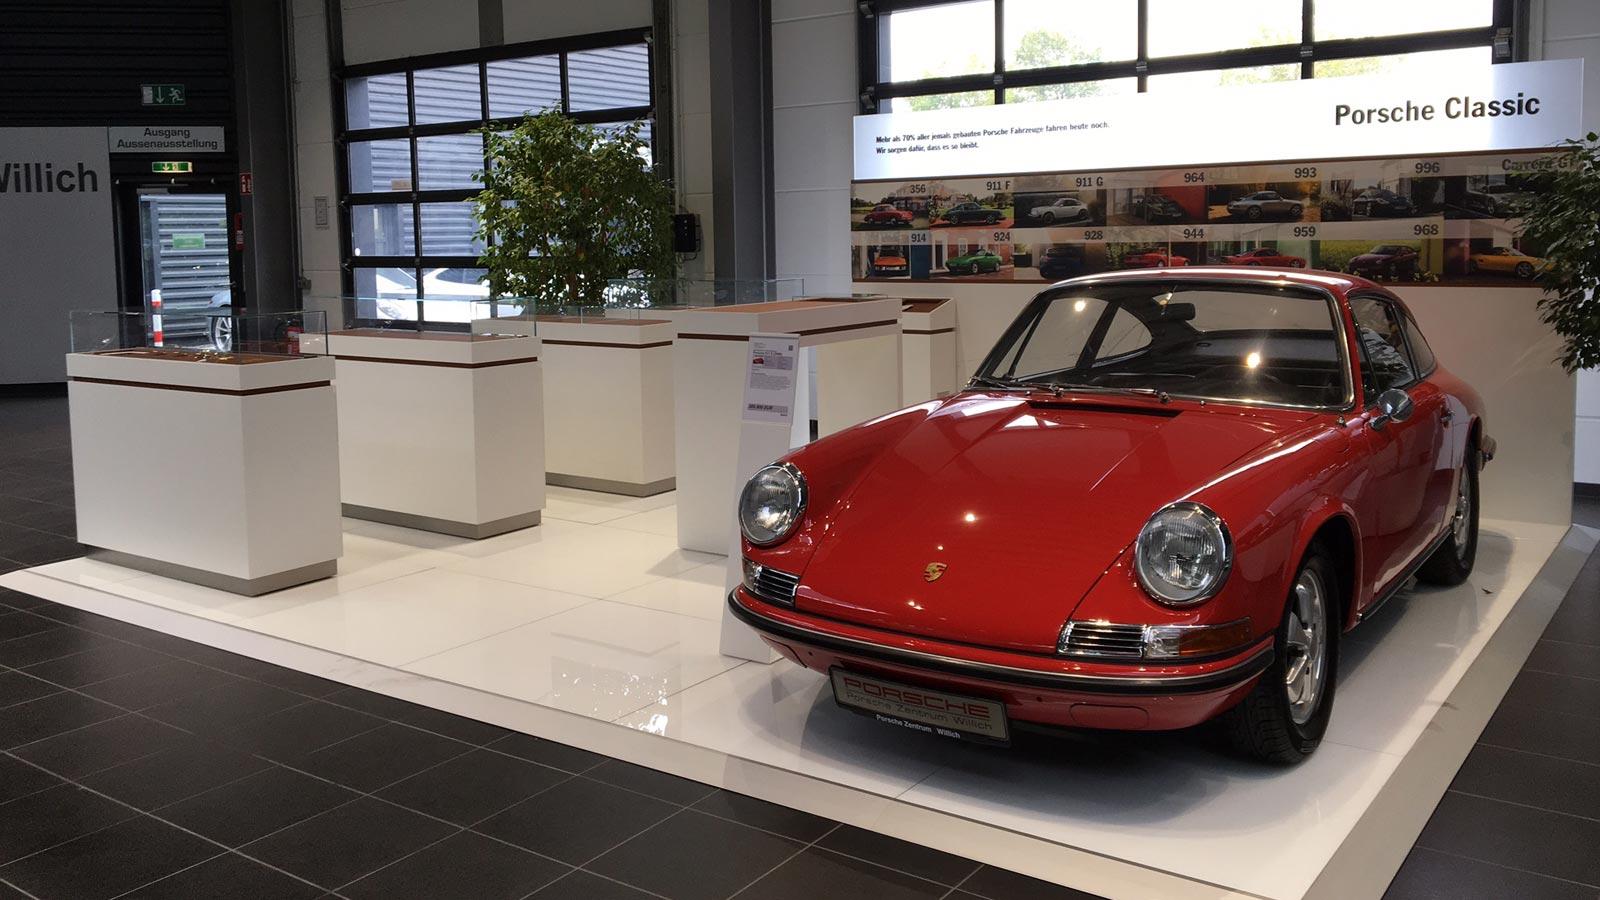 Porsche Centre Willich